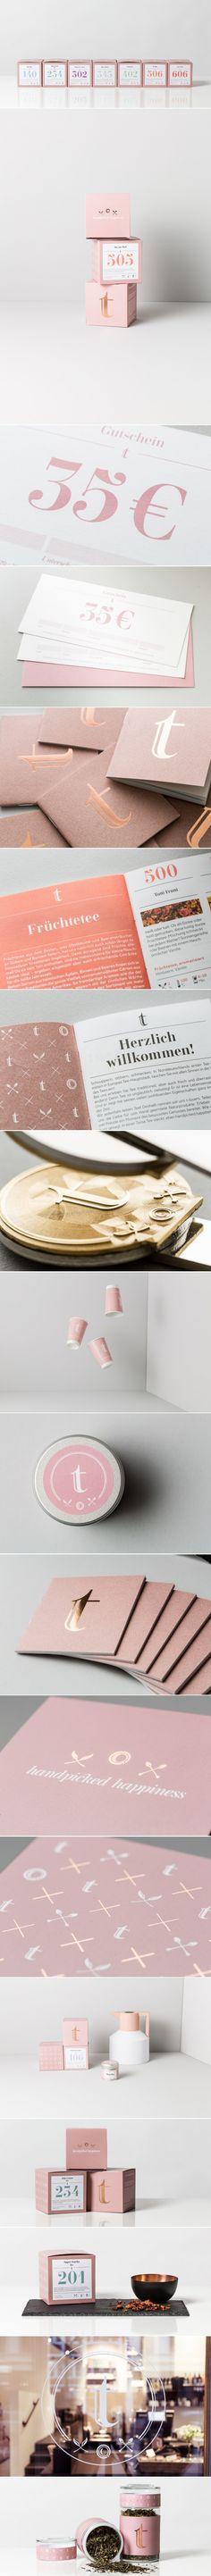 T — The Dieline | Packaging & Branding Design & Innovation News